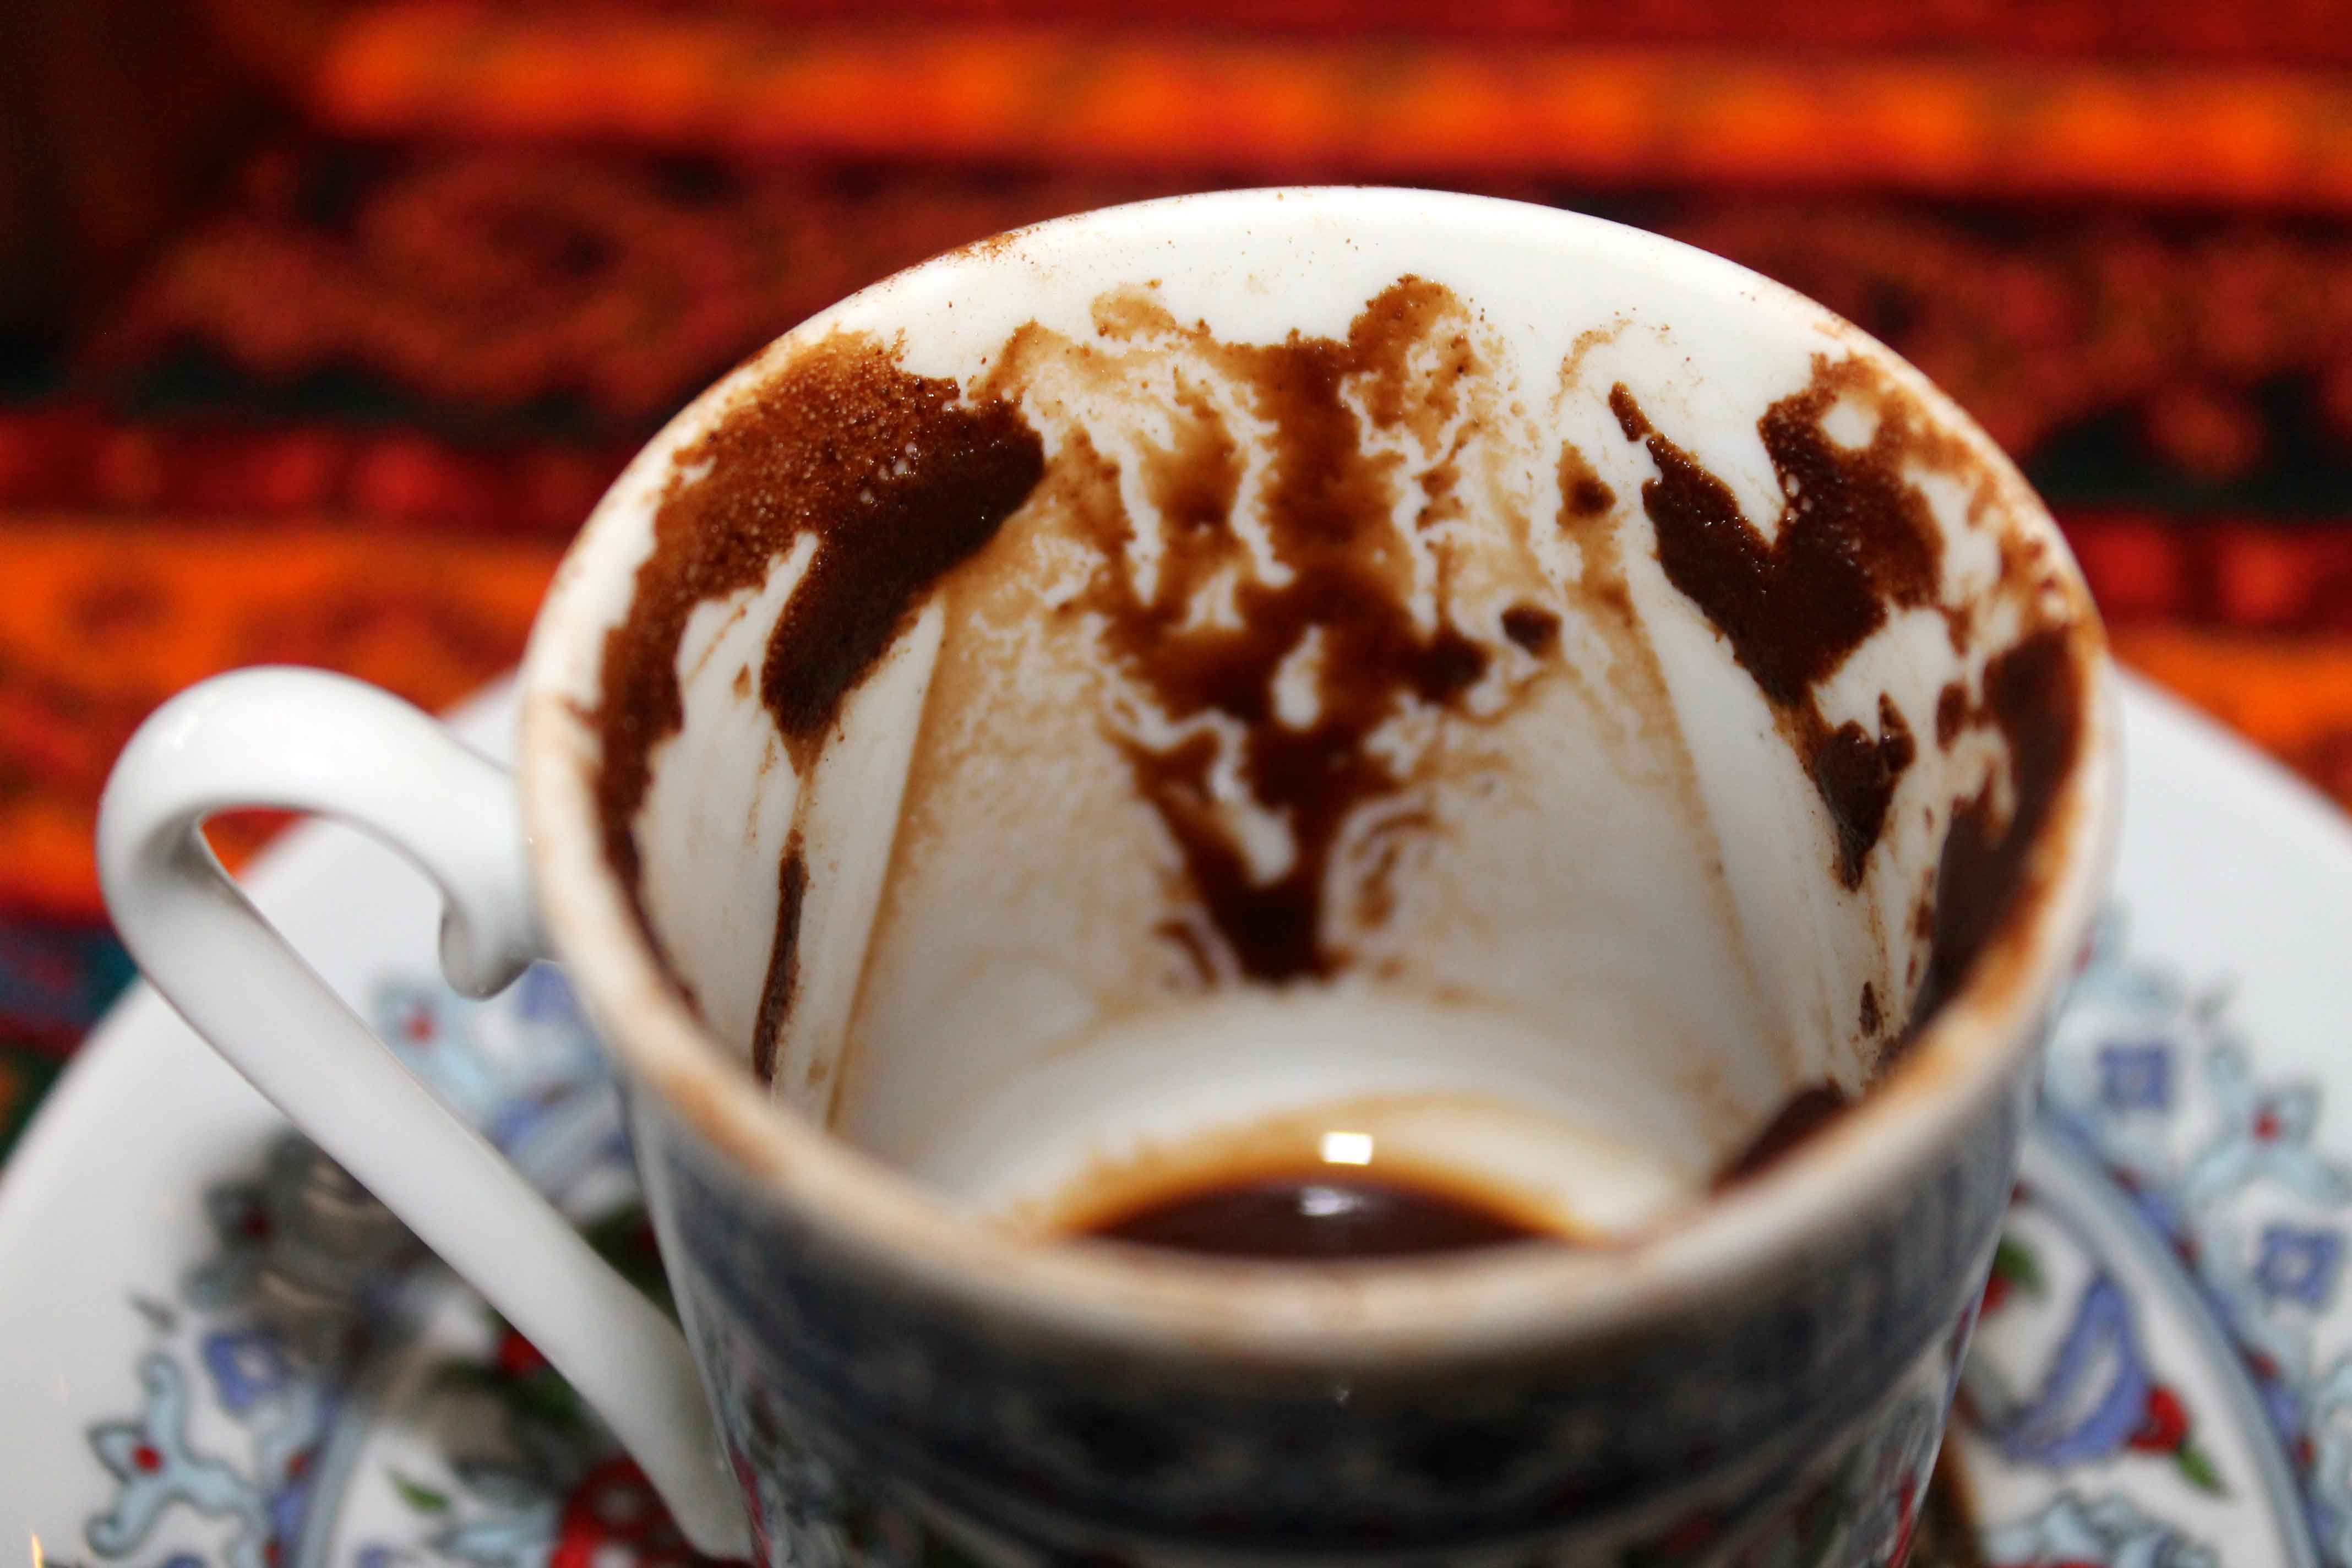 ejinturkey - kahve falı yıkanır mı?